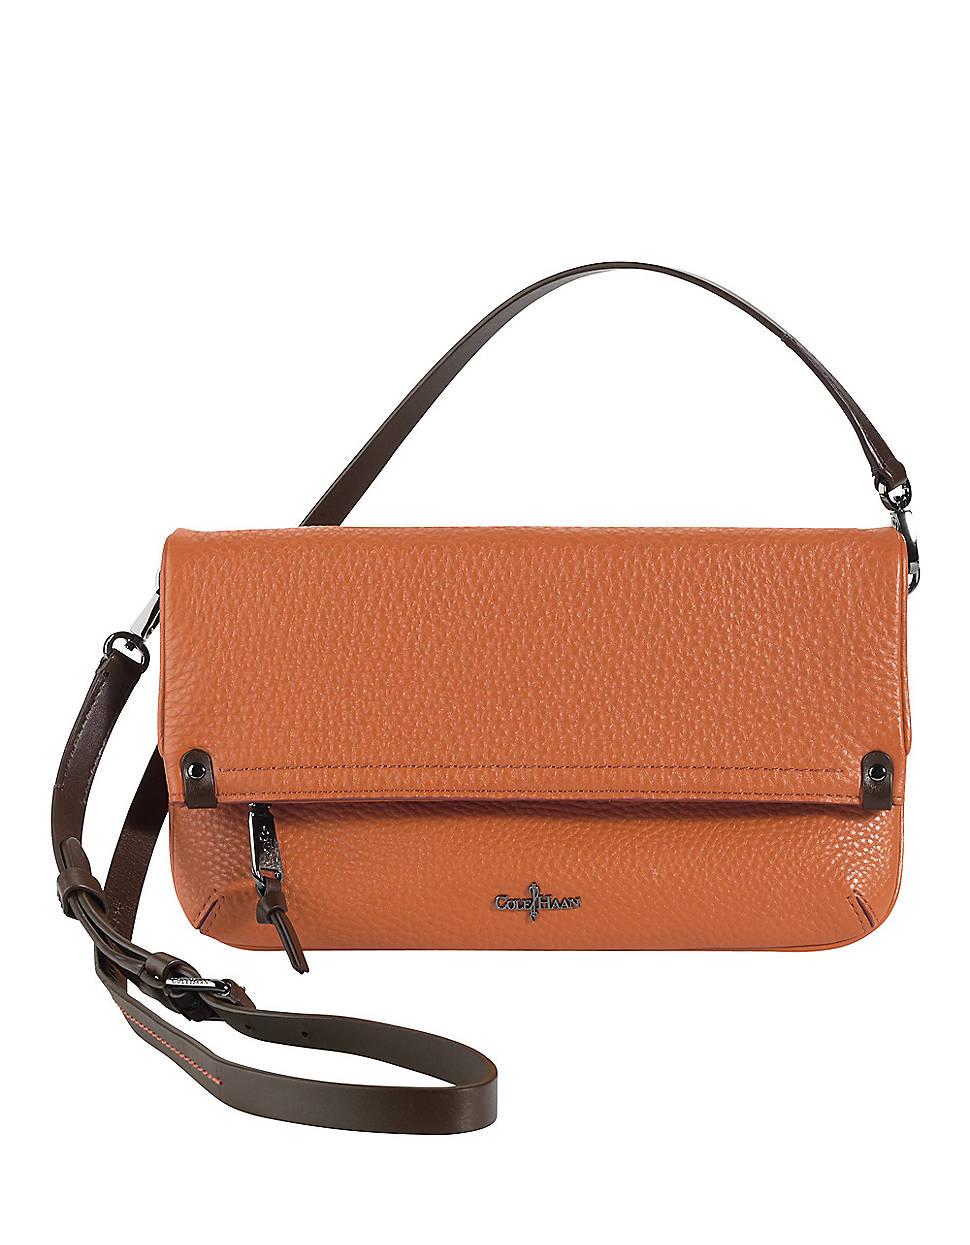 Cole Haan Brown Crossbody Bag 51